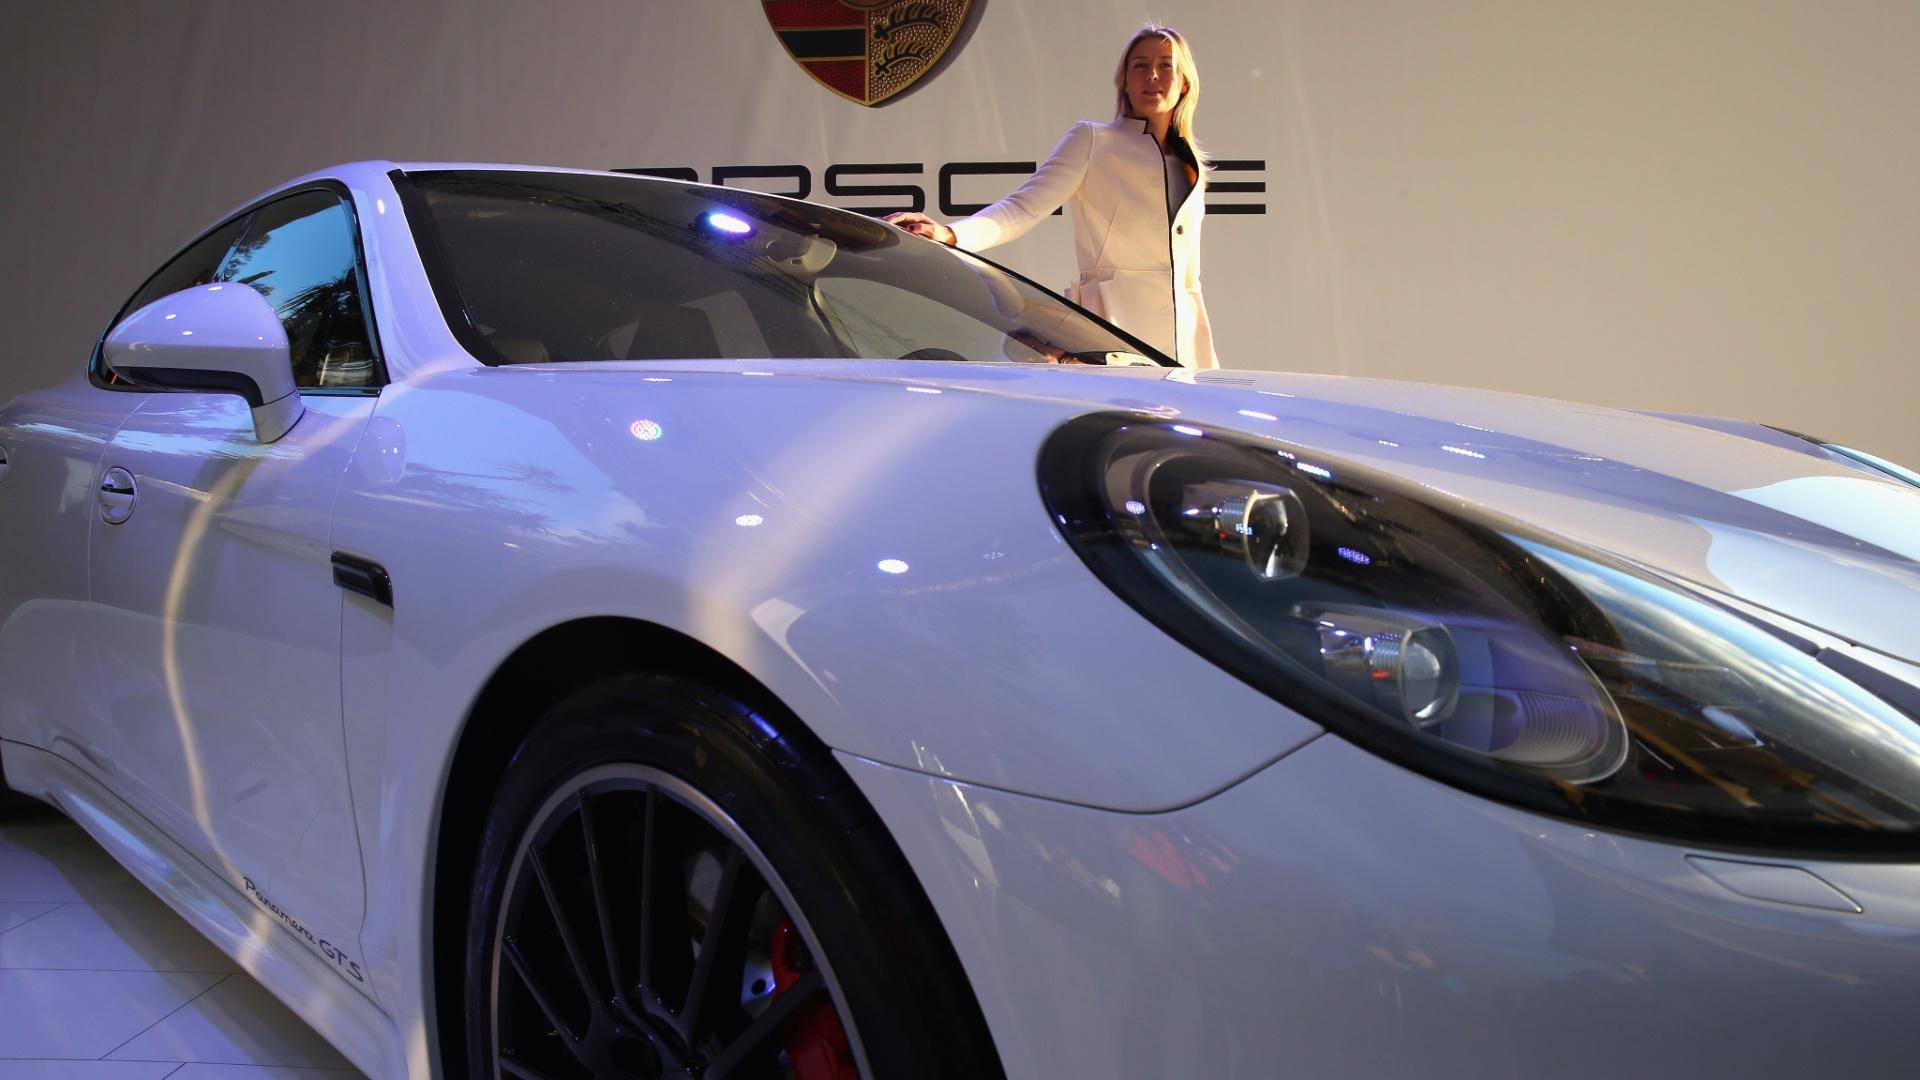 04.jan.2014 - O novo Porsche Panamera recebe a assinatura de Maria Sharapova. Embaixadora da marca, a tenista ajudou a desenhar todos os detalhes do carro